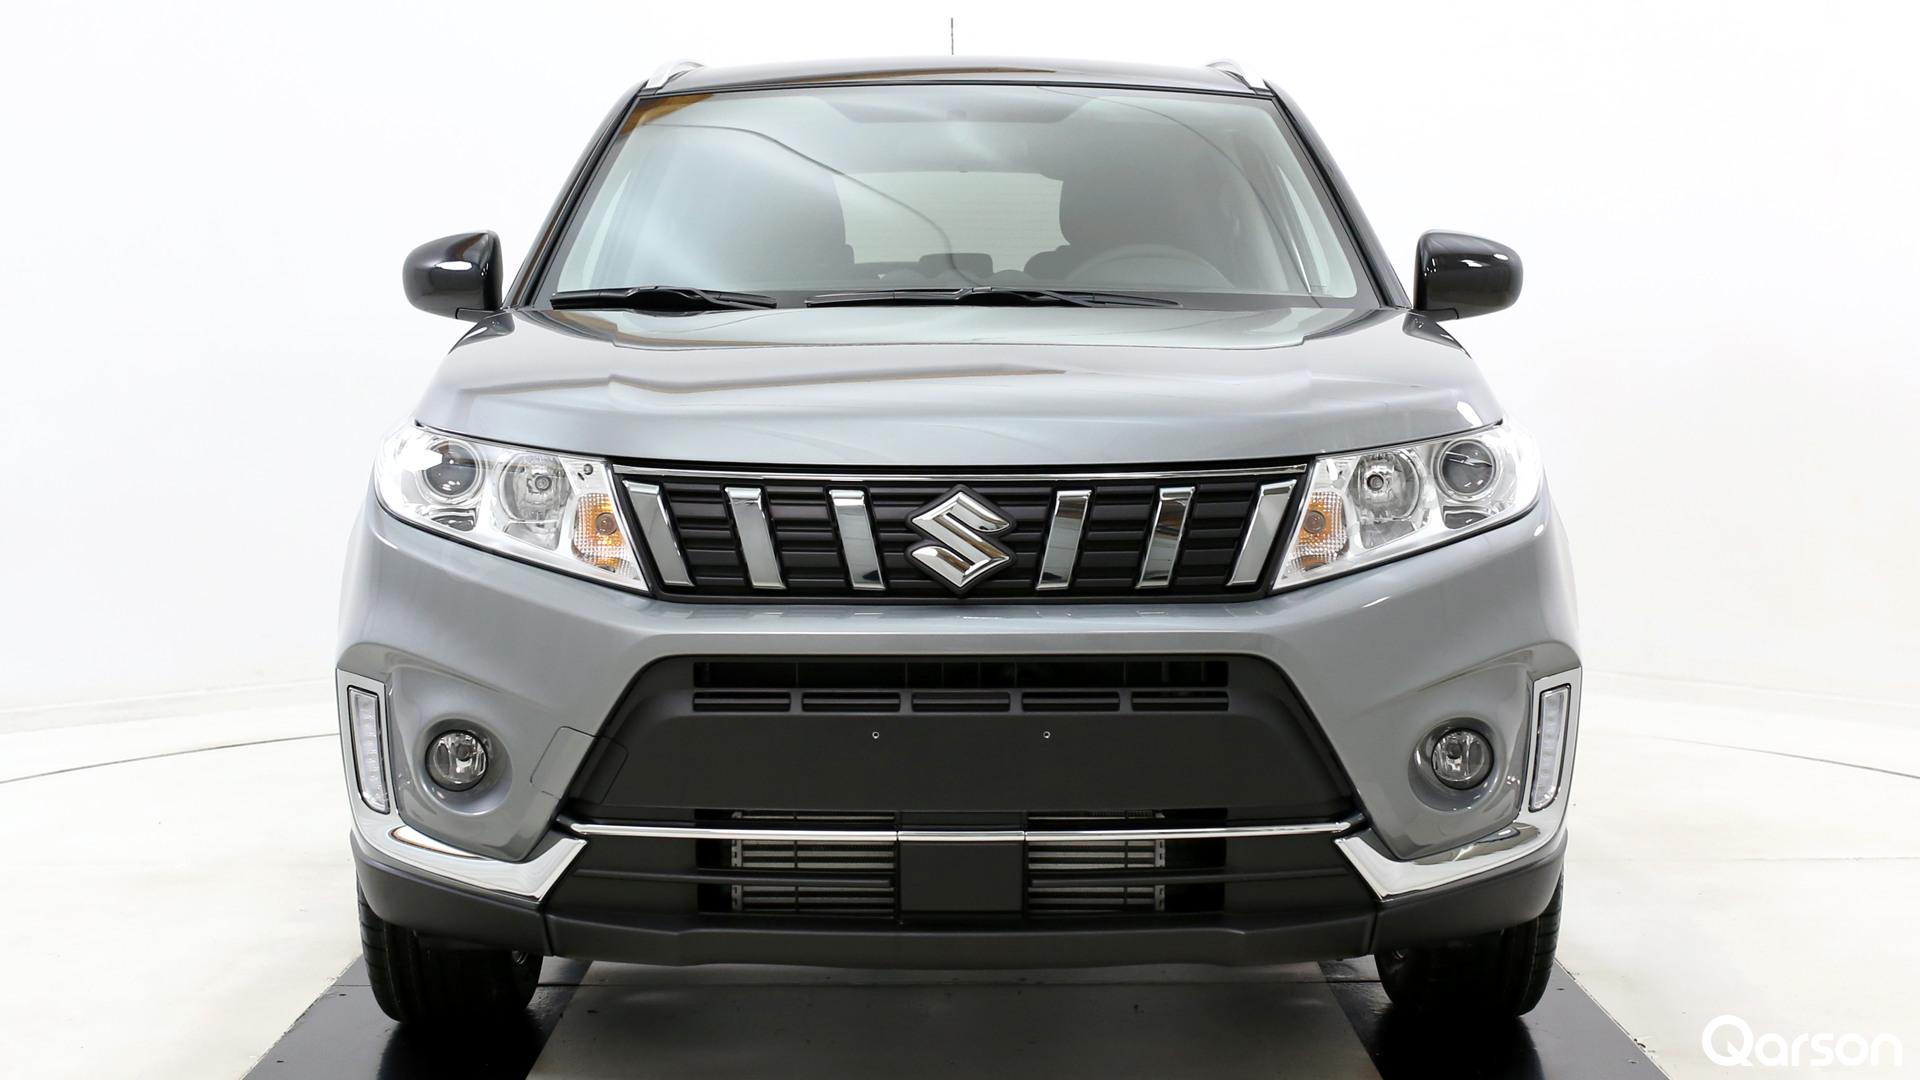 Suzuki Vitara Facelift Widok przodu samochodu